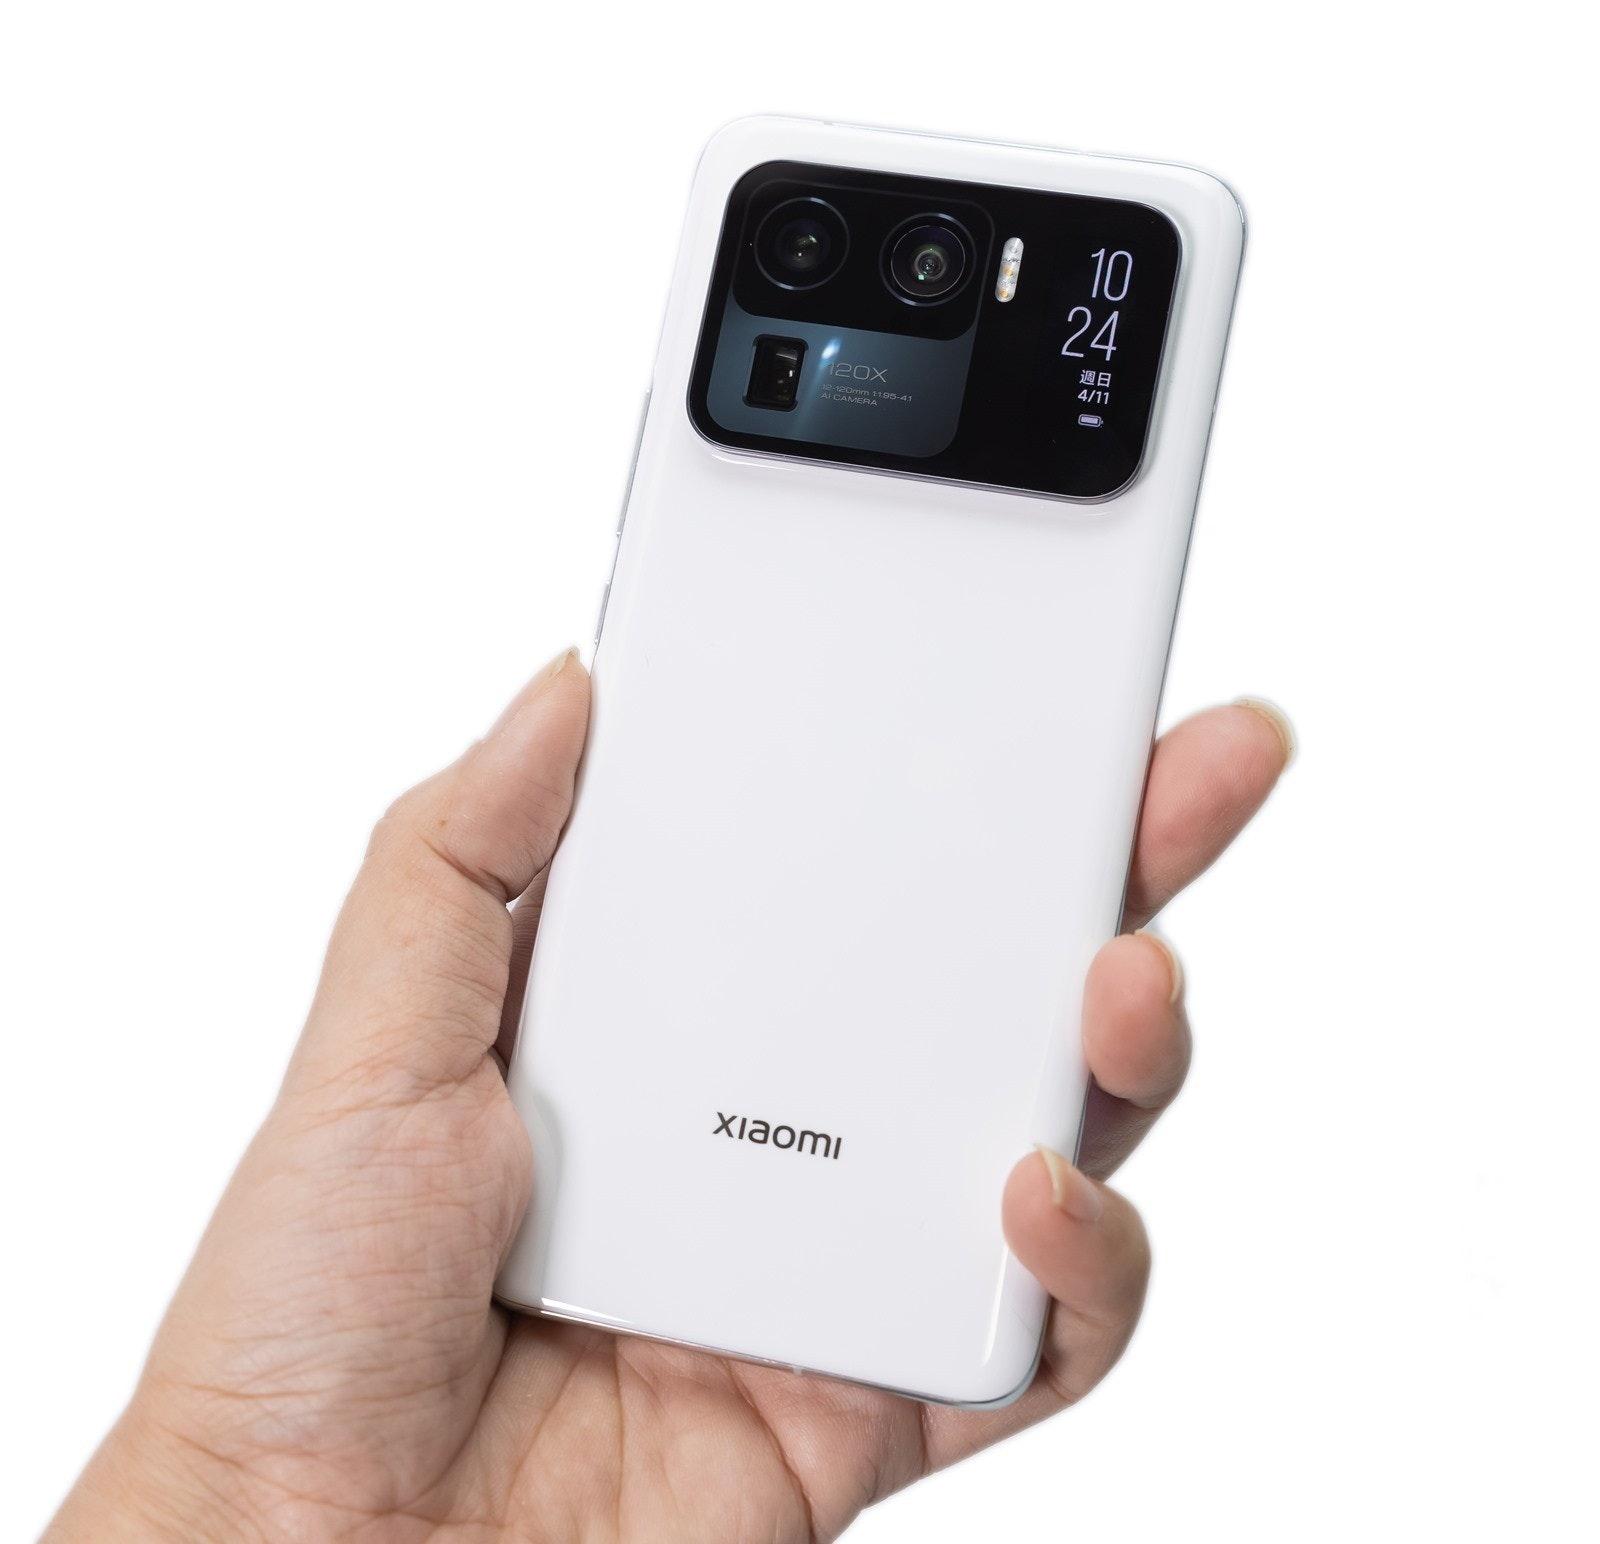 照片中提到了10、24、週日,包含了功能手機、小米米11、小米Mi 10 Ultra、手機、便攜式通訊設備